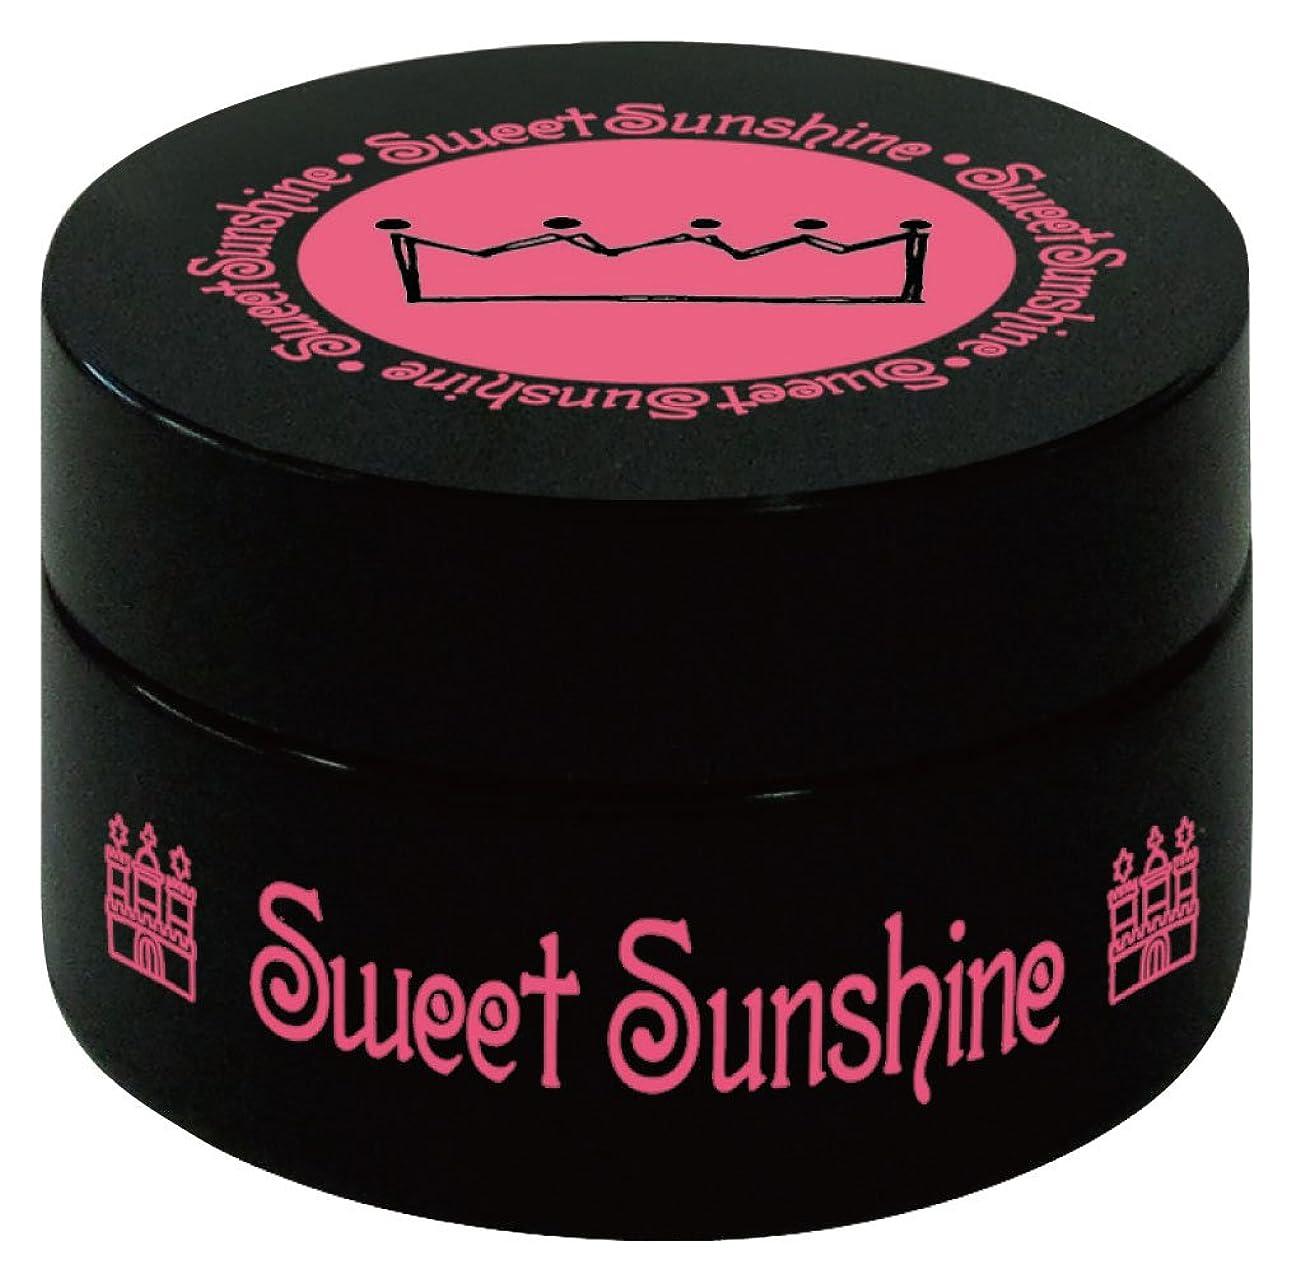 危険やむを得ないケイ素最速硬化LED対応 Sweet Sunshine スィート サンシャイン カラージェル SC-45 4g パステルピンク